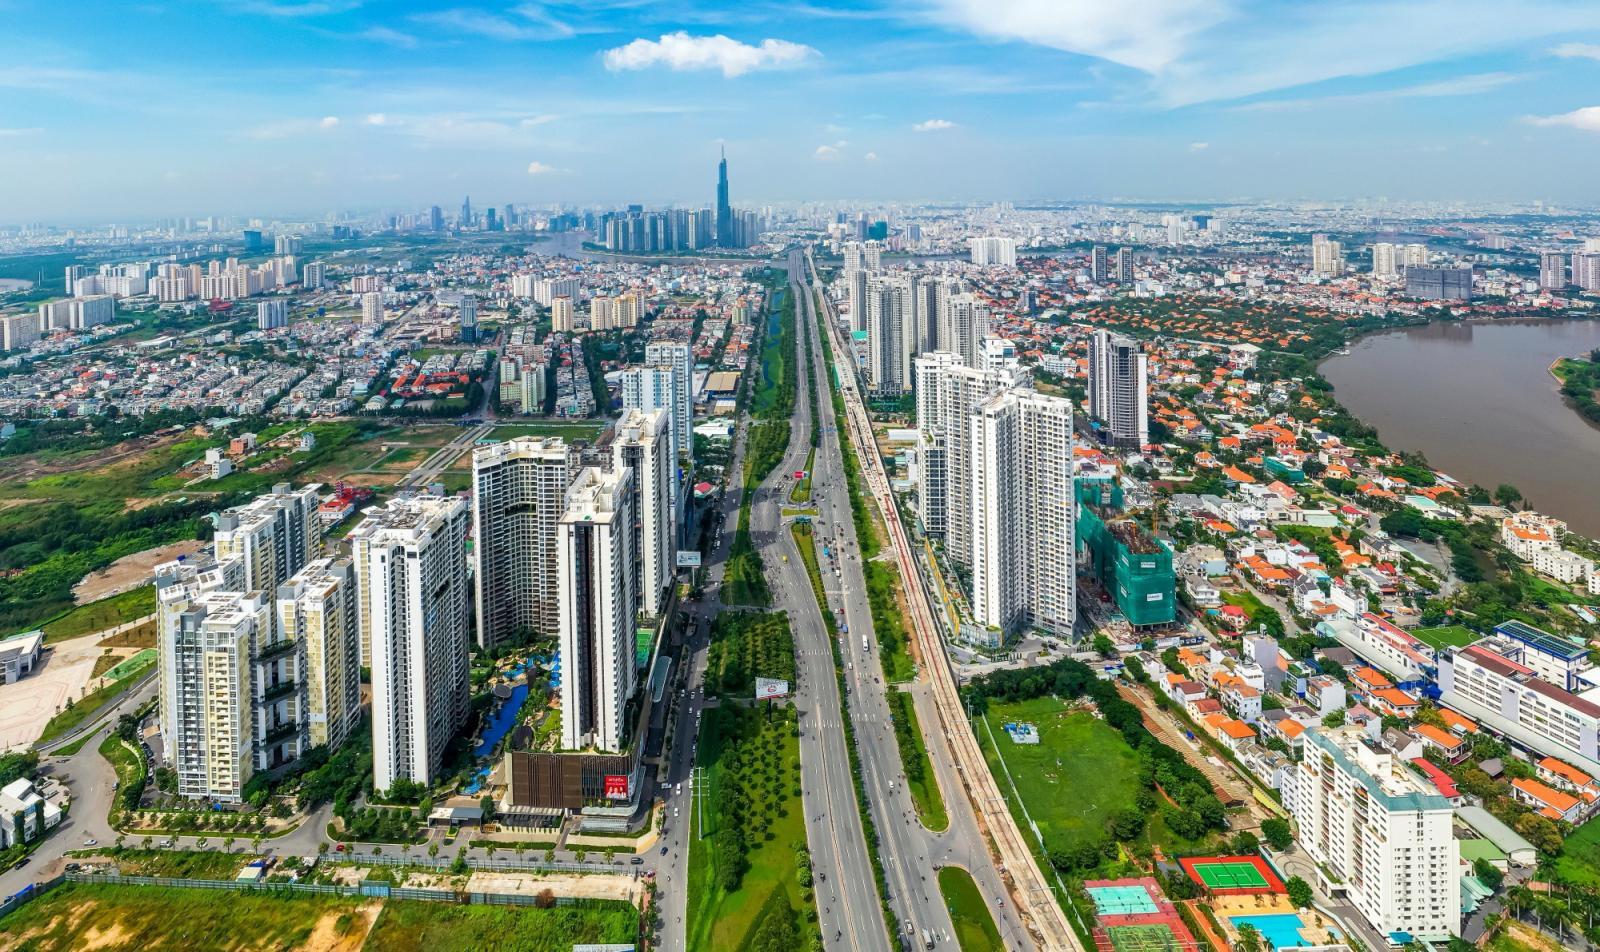 Trục đường có nhiều dự án căn hộ cao cấp tại Tp.HCM